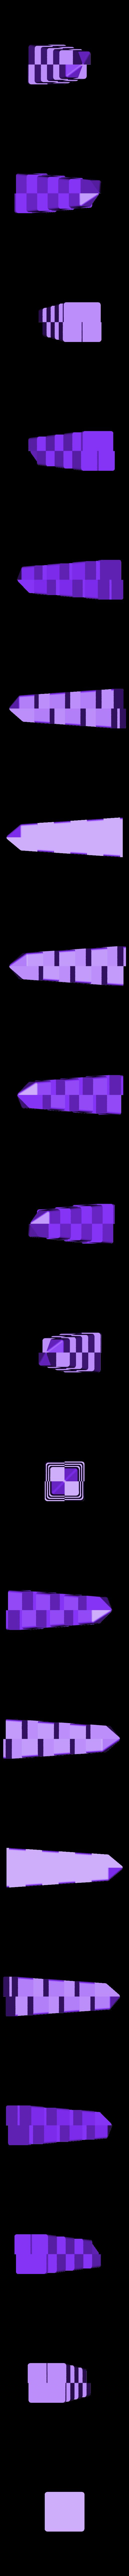 test_obelisco_extr2.stl Télécharger fichier STL gratuit Calibrage de l'extrudeuse double • Objet à imprimer en 3D, saginau